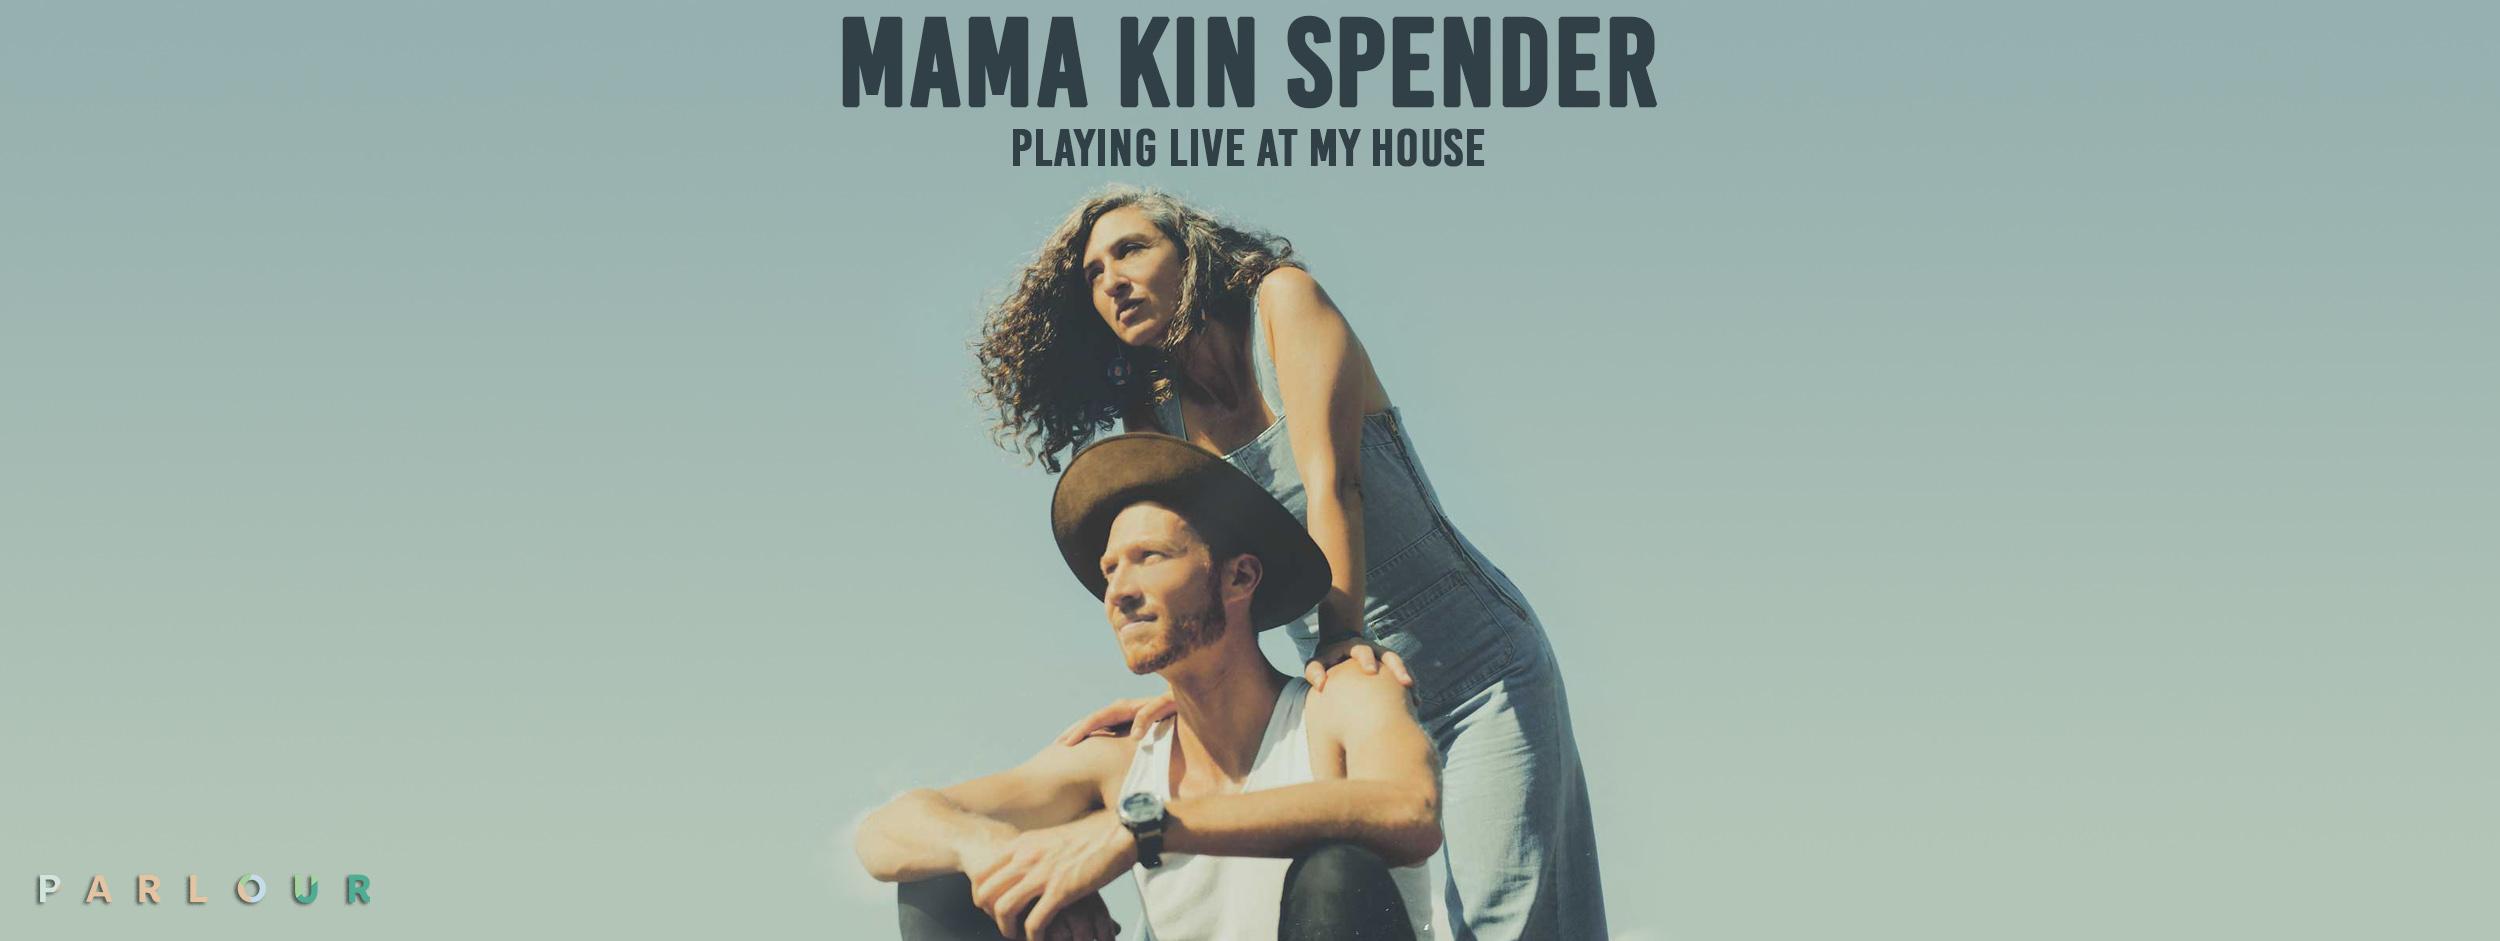 Mama Kin Spender Host Banner.jpg